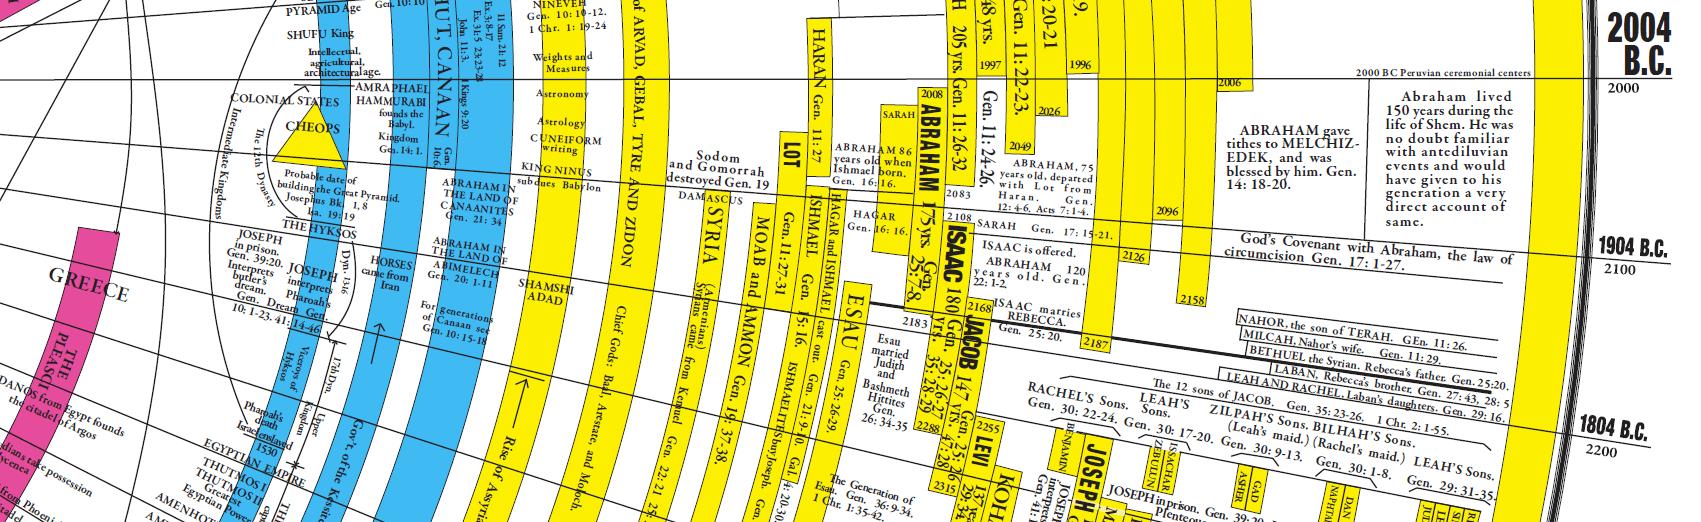 2004BC slice of timeline